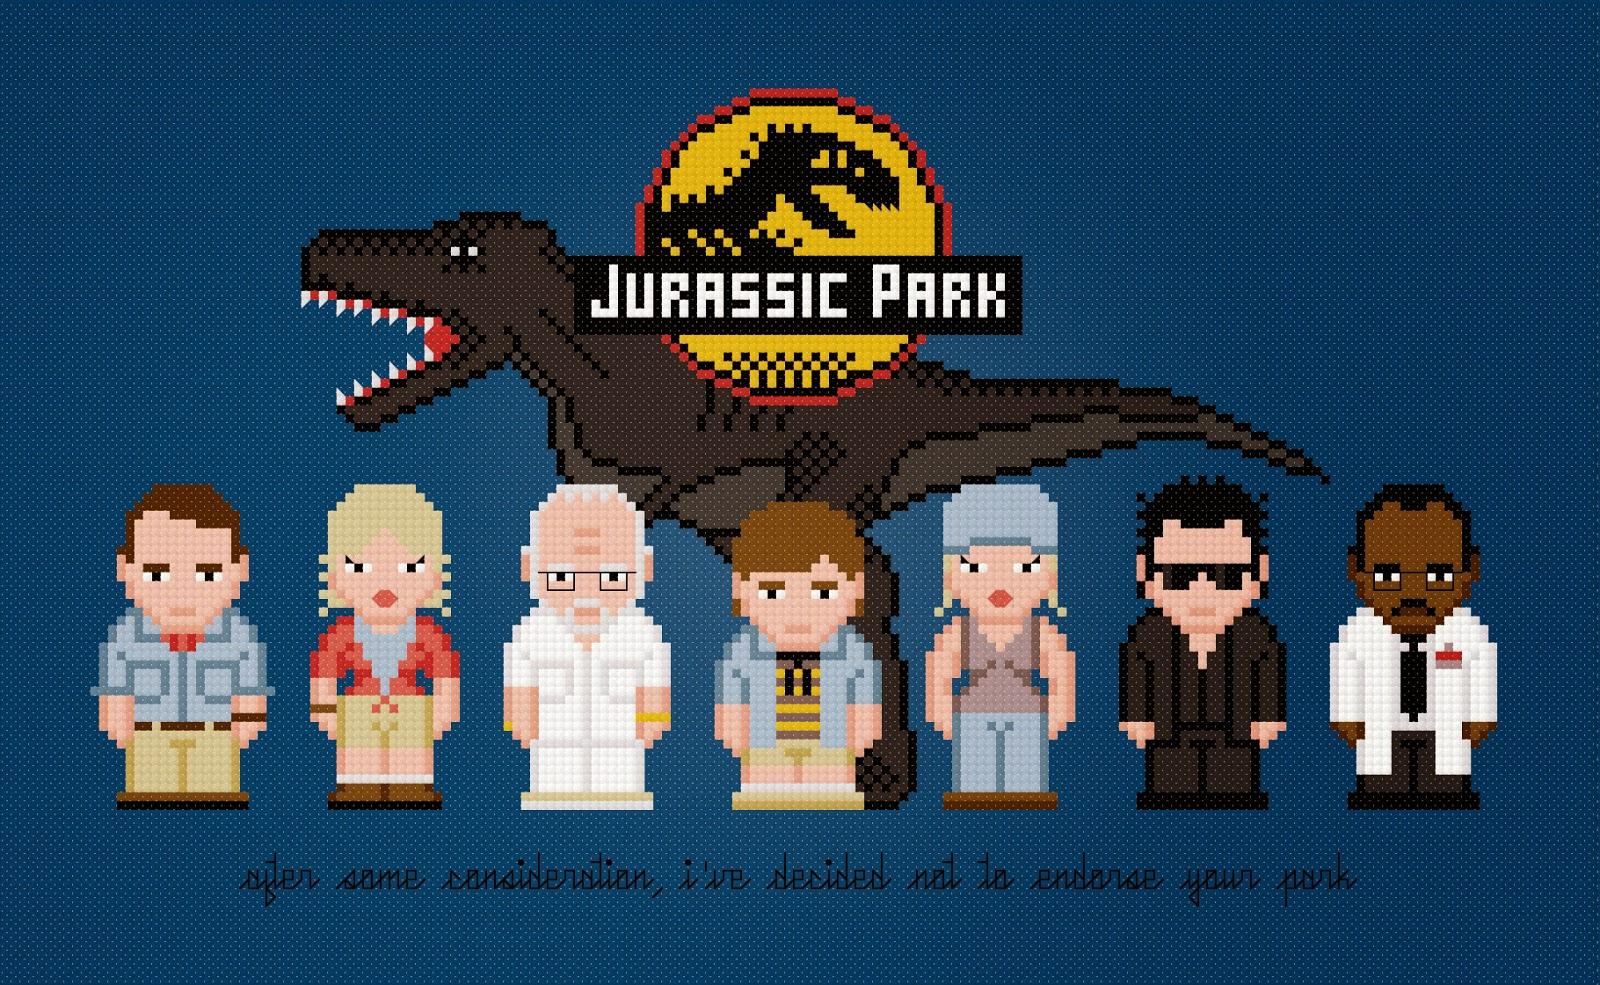 Jurassic Park - Cross Stitch PDF Pattern Download